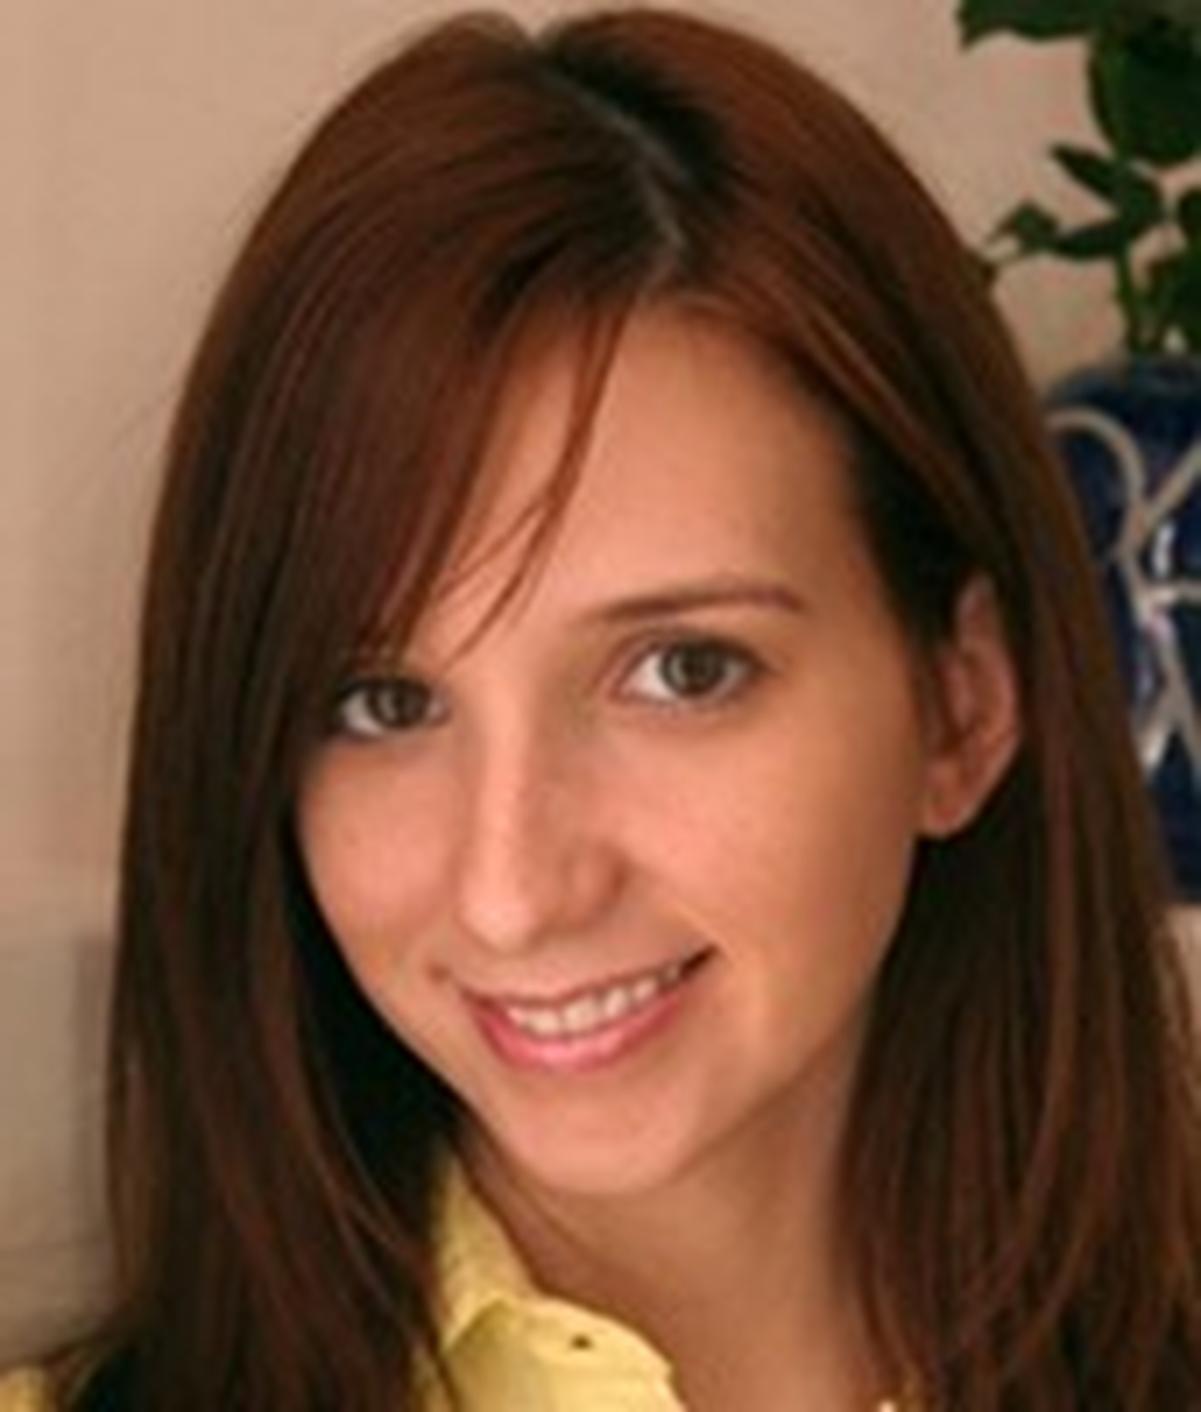 Merlyn Uuskula